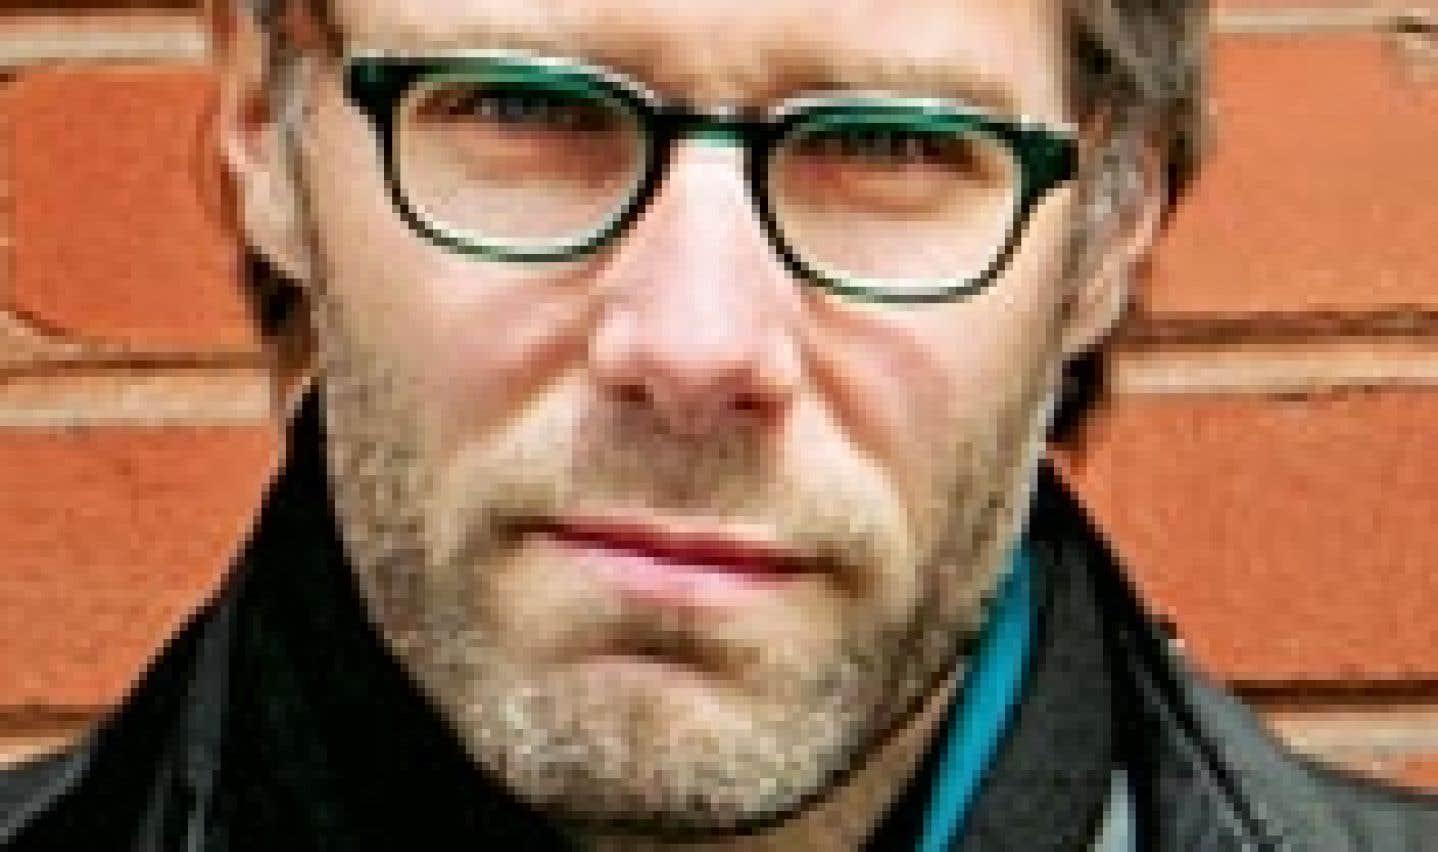 L'année vue par… Sylvain Bélanger - Beaucoup de révolte, mais peu de révolution